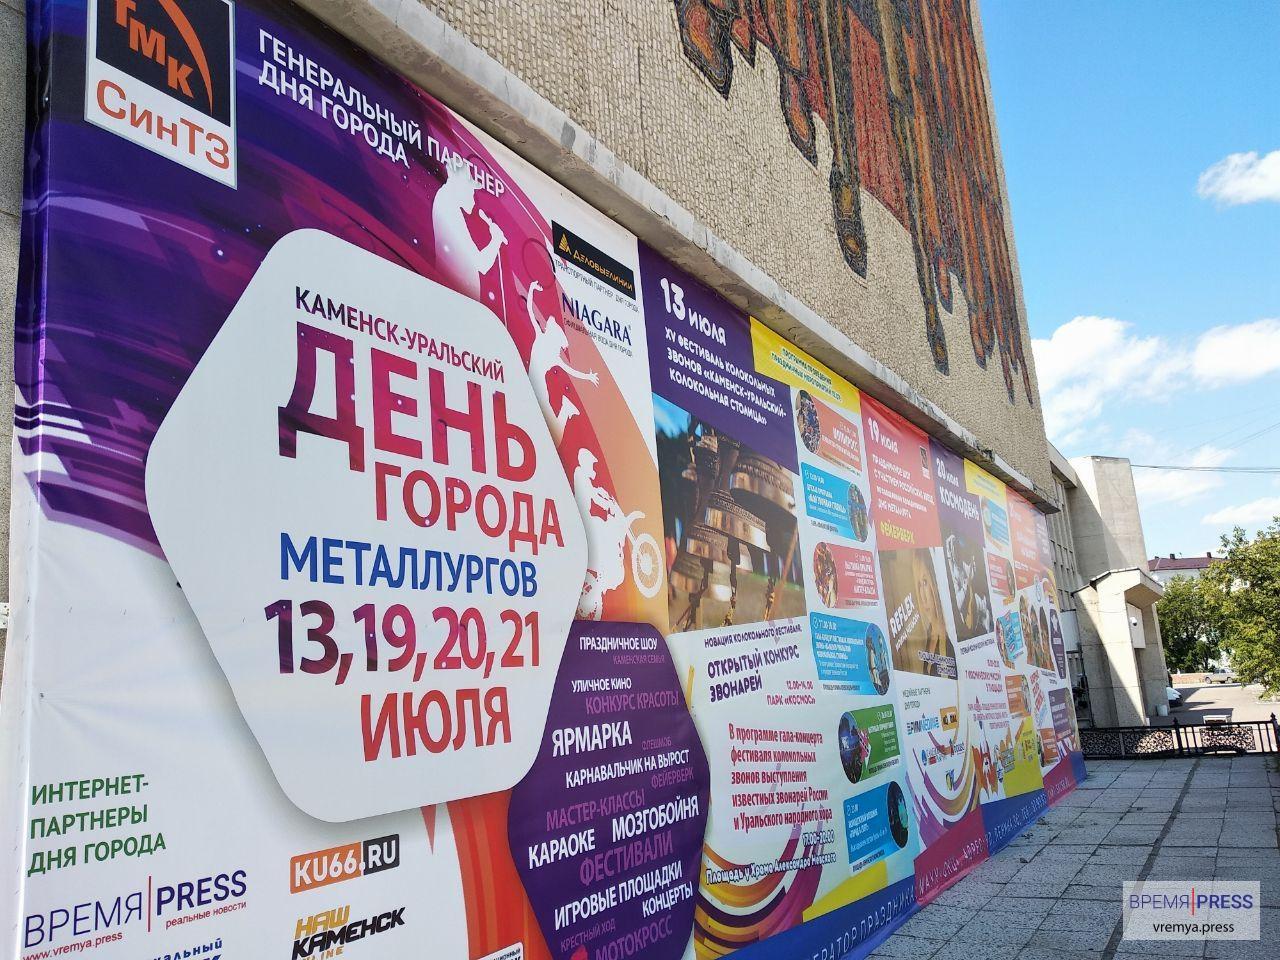 Фейерверк, космодень, фестиваль окрошки: чем заняться в выходные в Каменске-Уральском